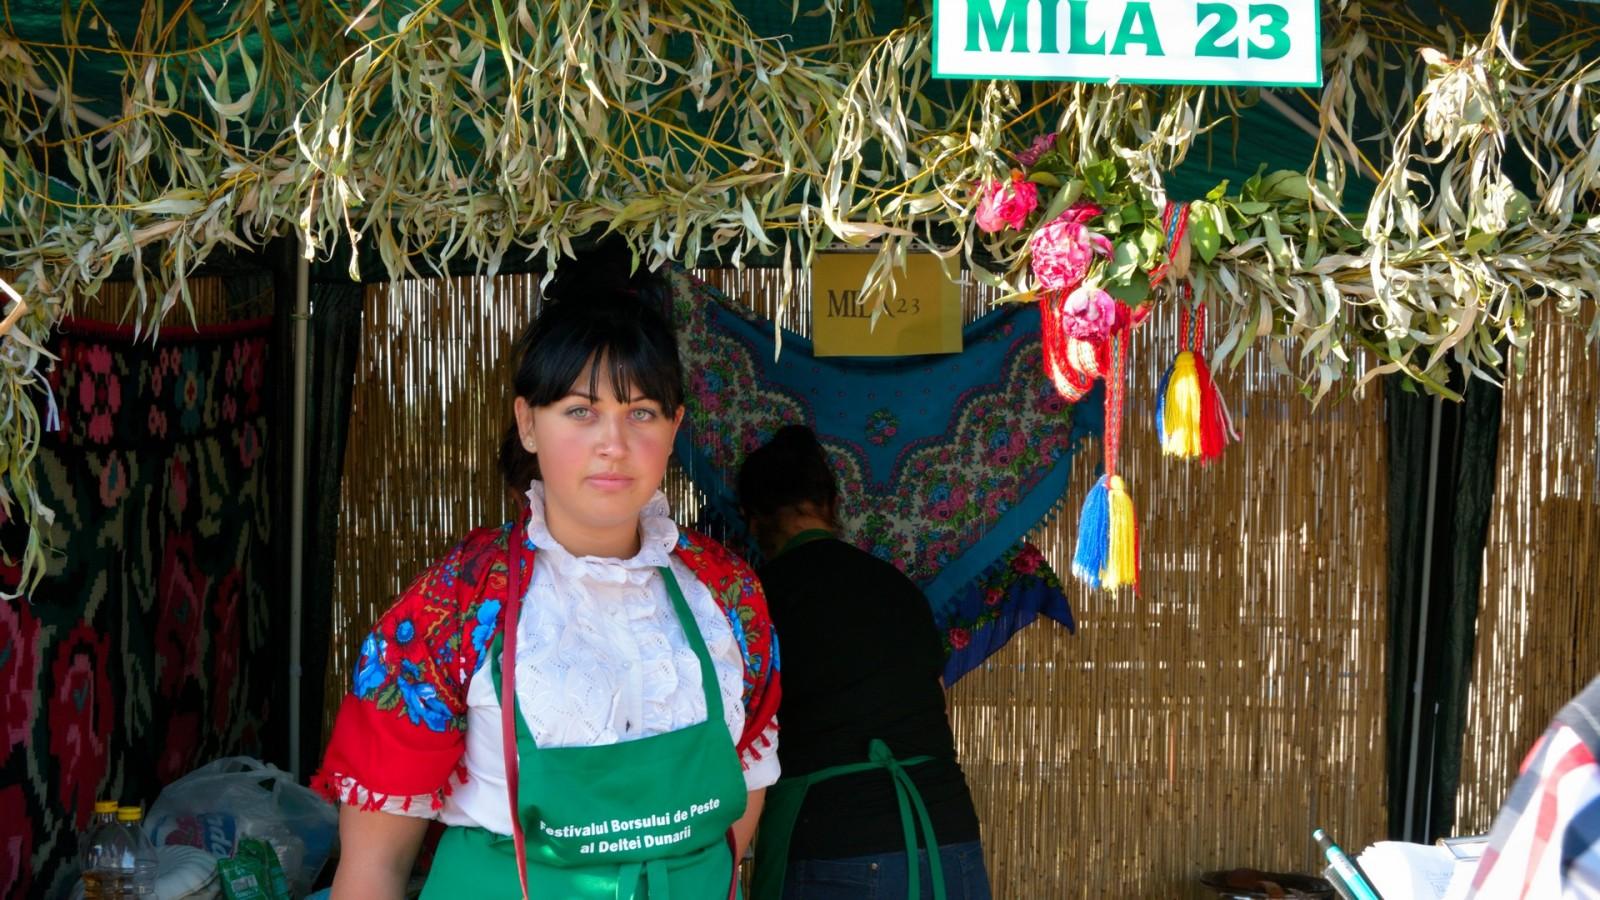 Excursie de o zi în Delta Dunării, Tulcea - Mila23 - Program de Grup